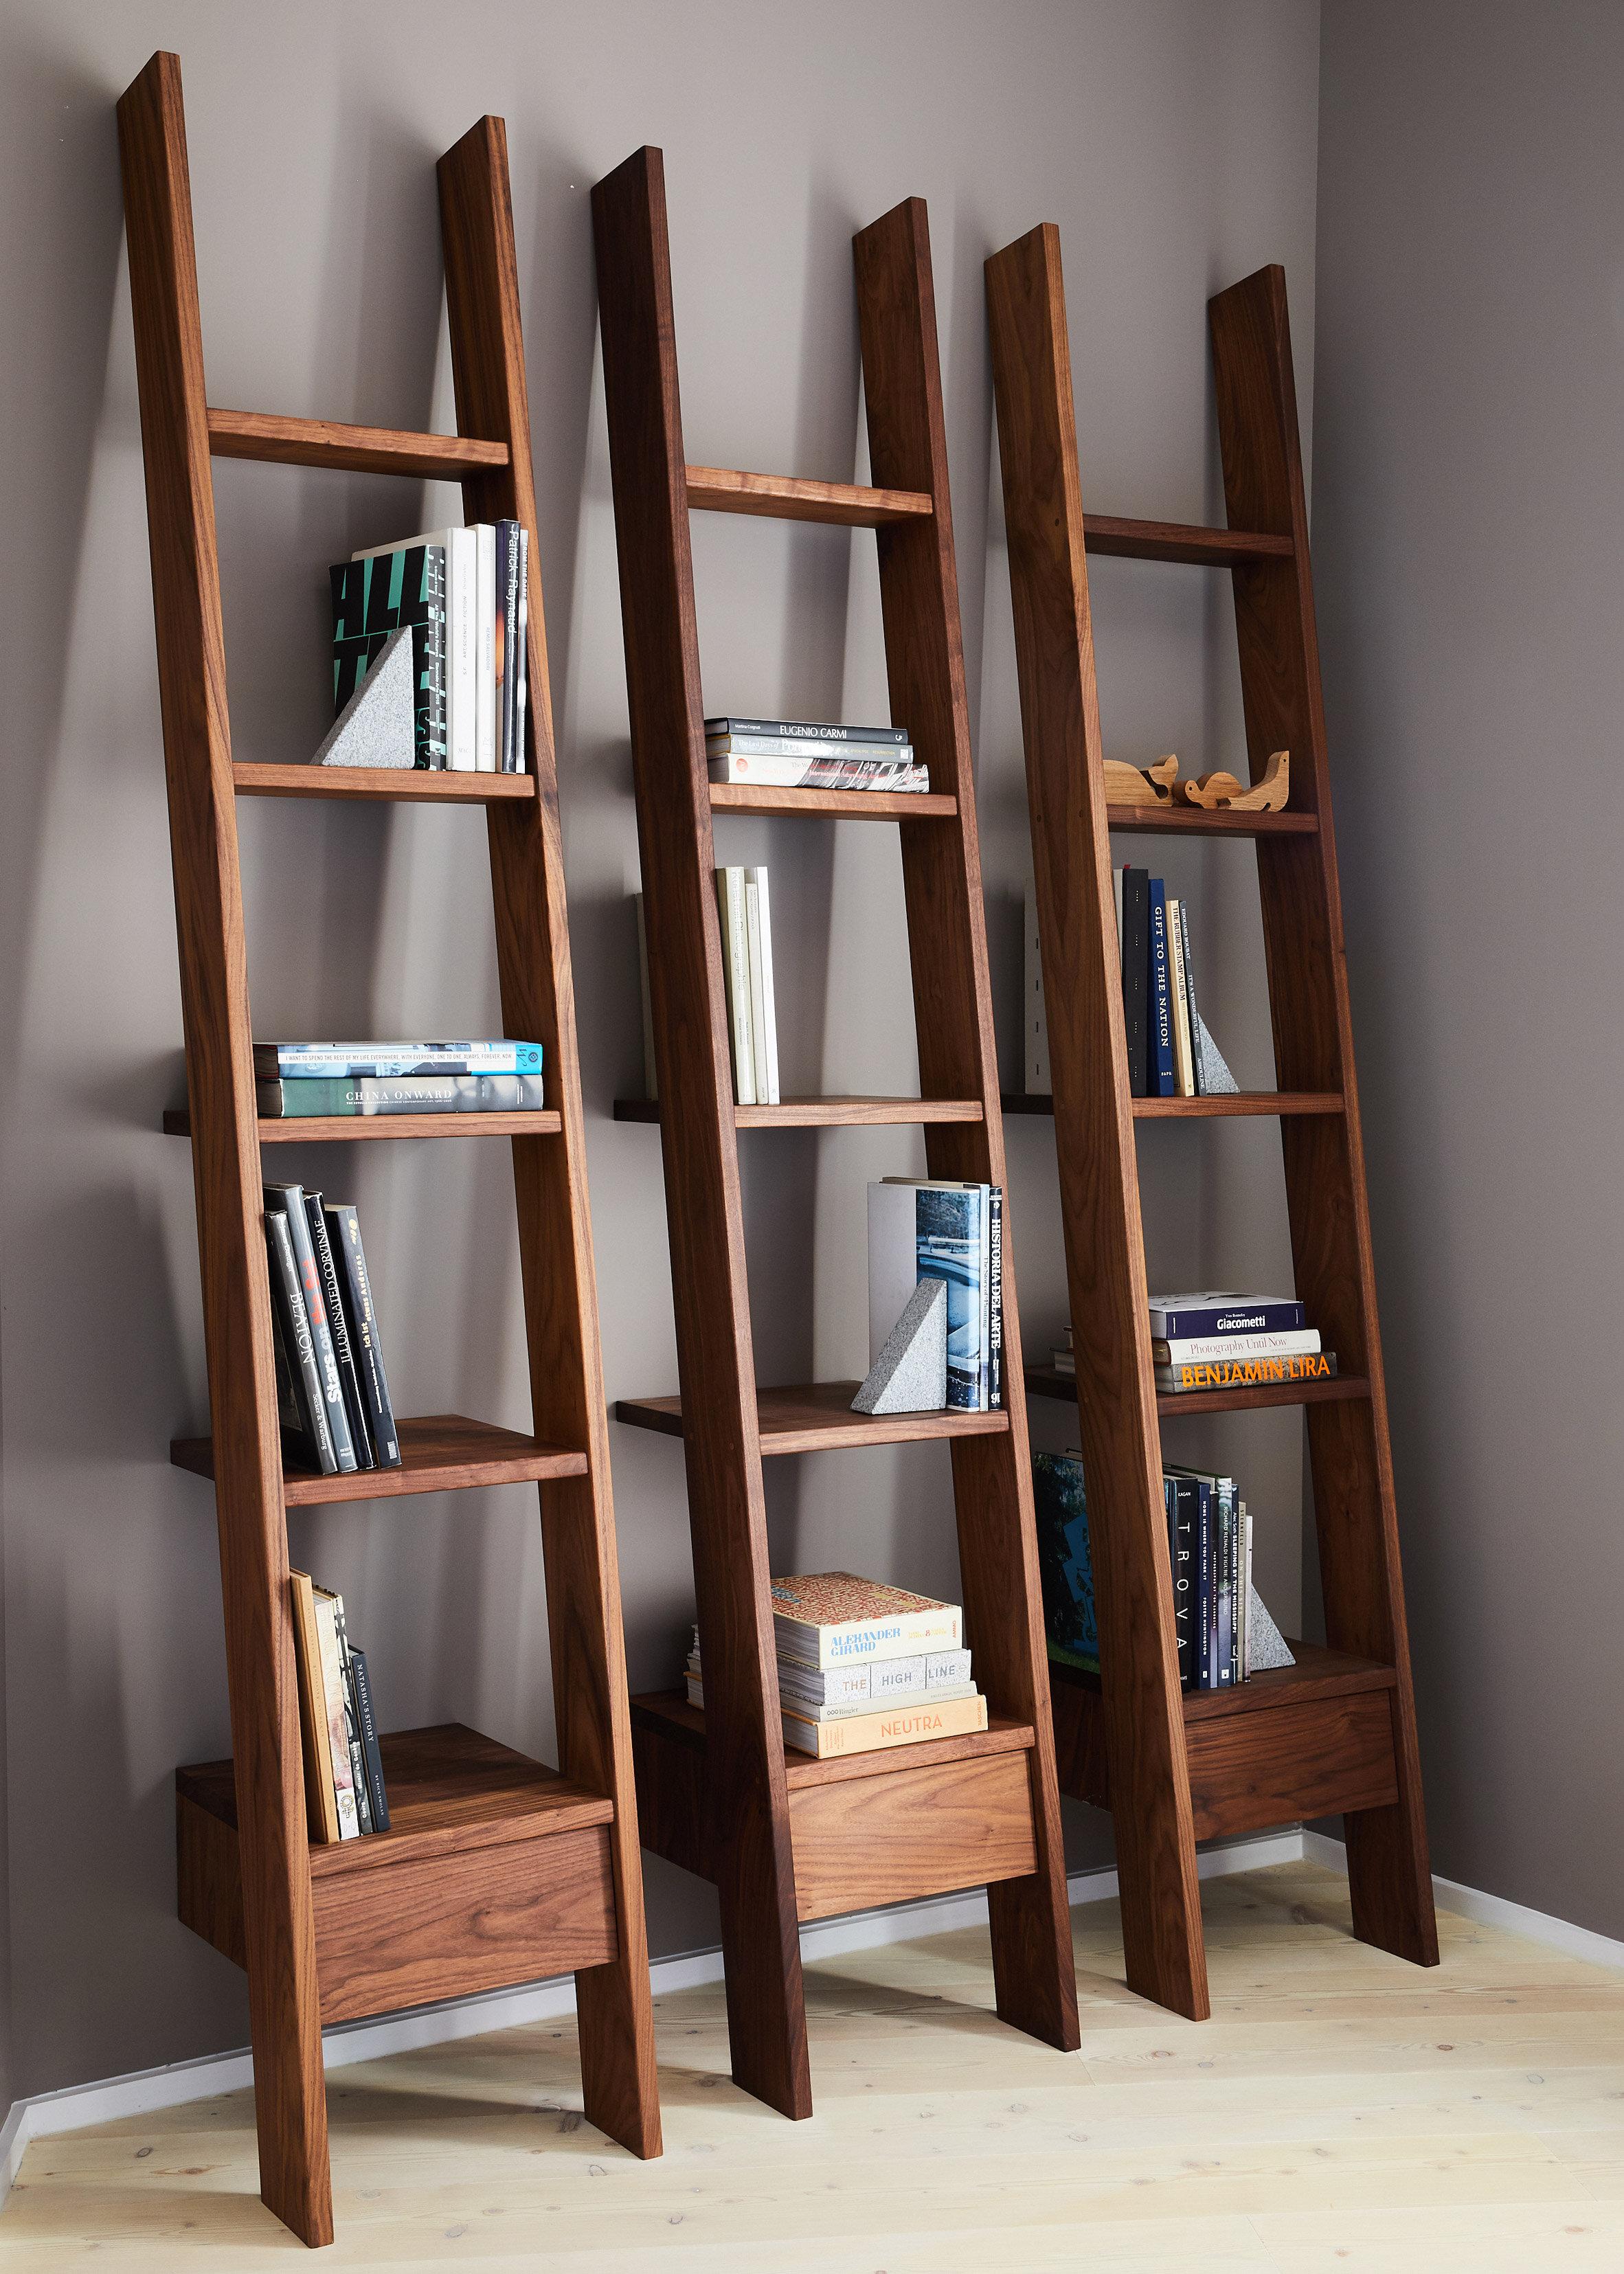 de-la-espada-the-future-perfect-showroom_dezeen_2364_col_10.jpg